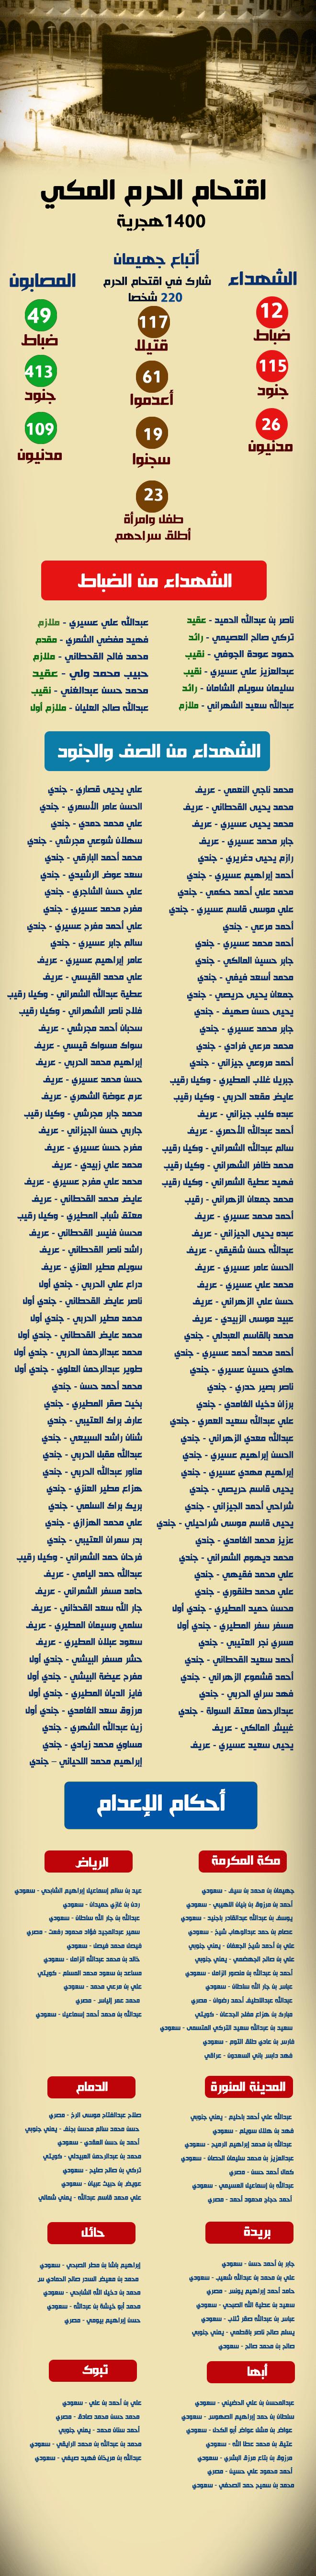 """""""للتاريخ"""" أسماء الضحايا و المتورطين في حادث """"جهيمان العتيبي"""""""